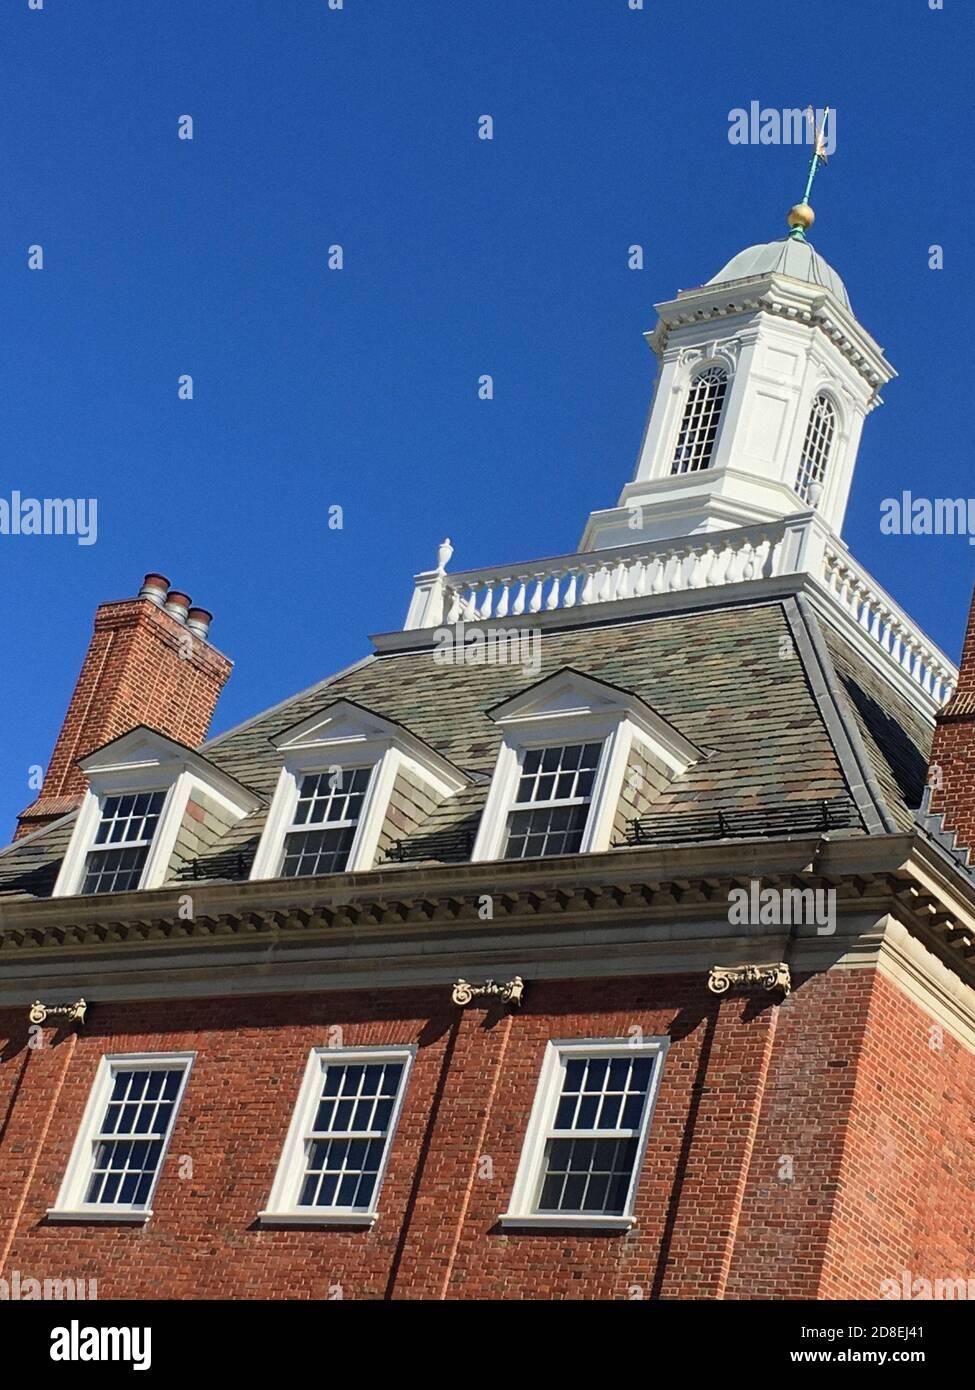 Vue à angle bas de Cupola et Météo Vane, Silliman College, Université de Yale, New Haven, Connecticut, États-Unis Banque D'Images